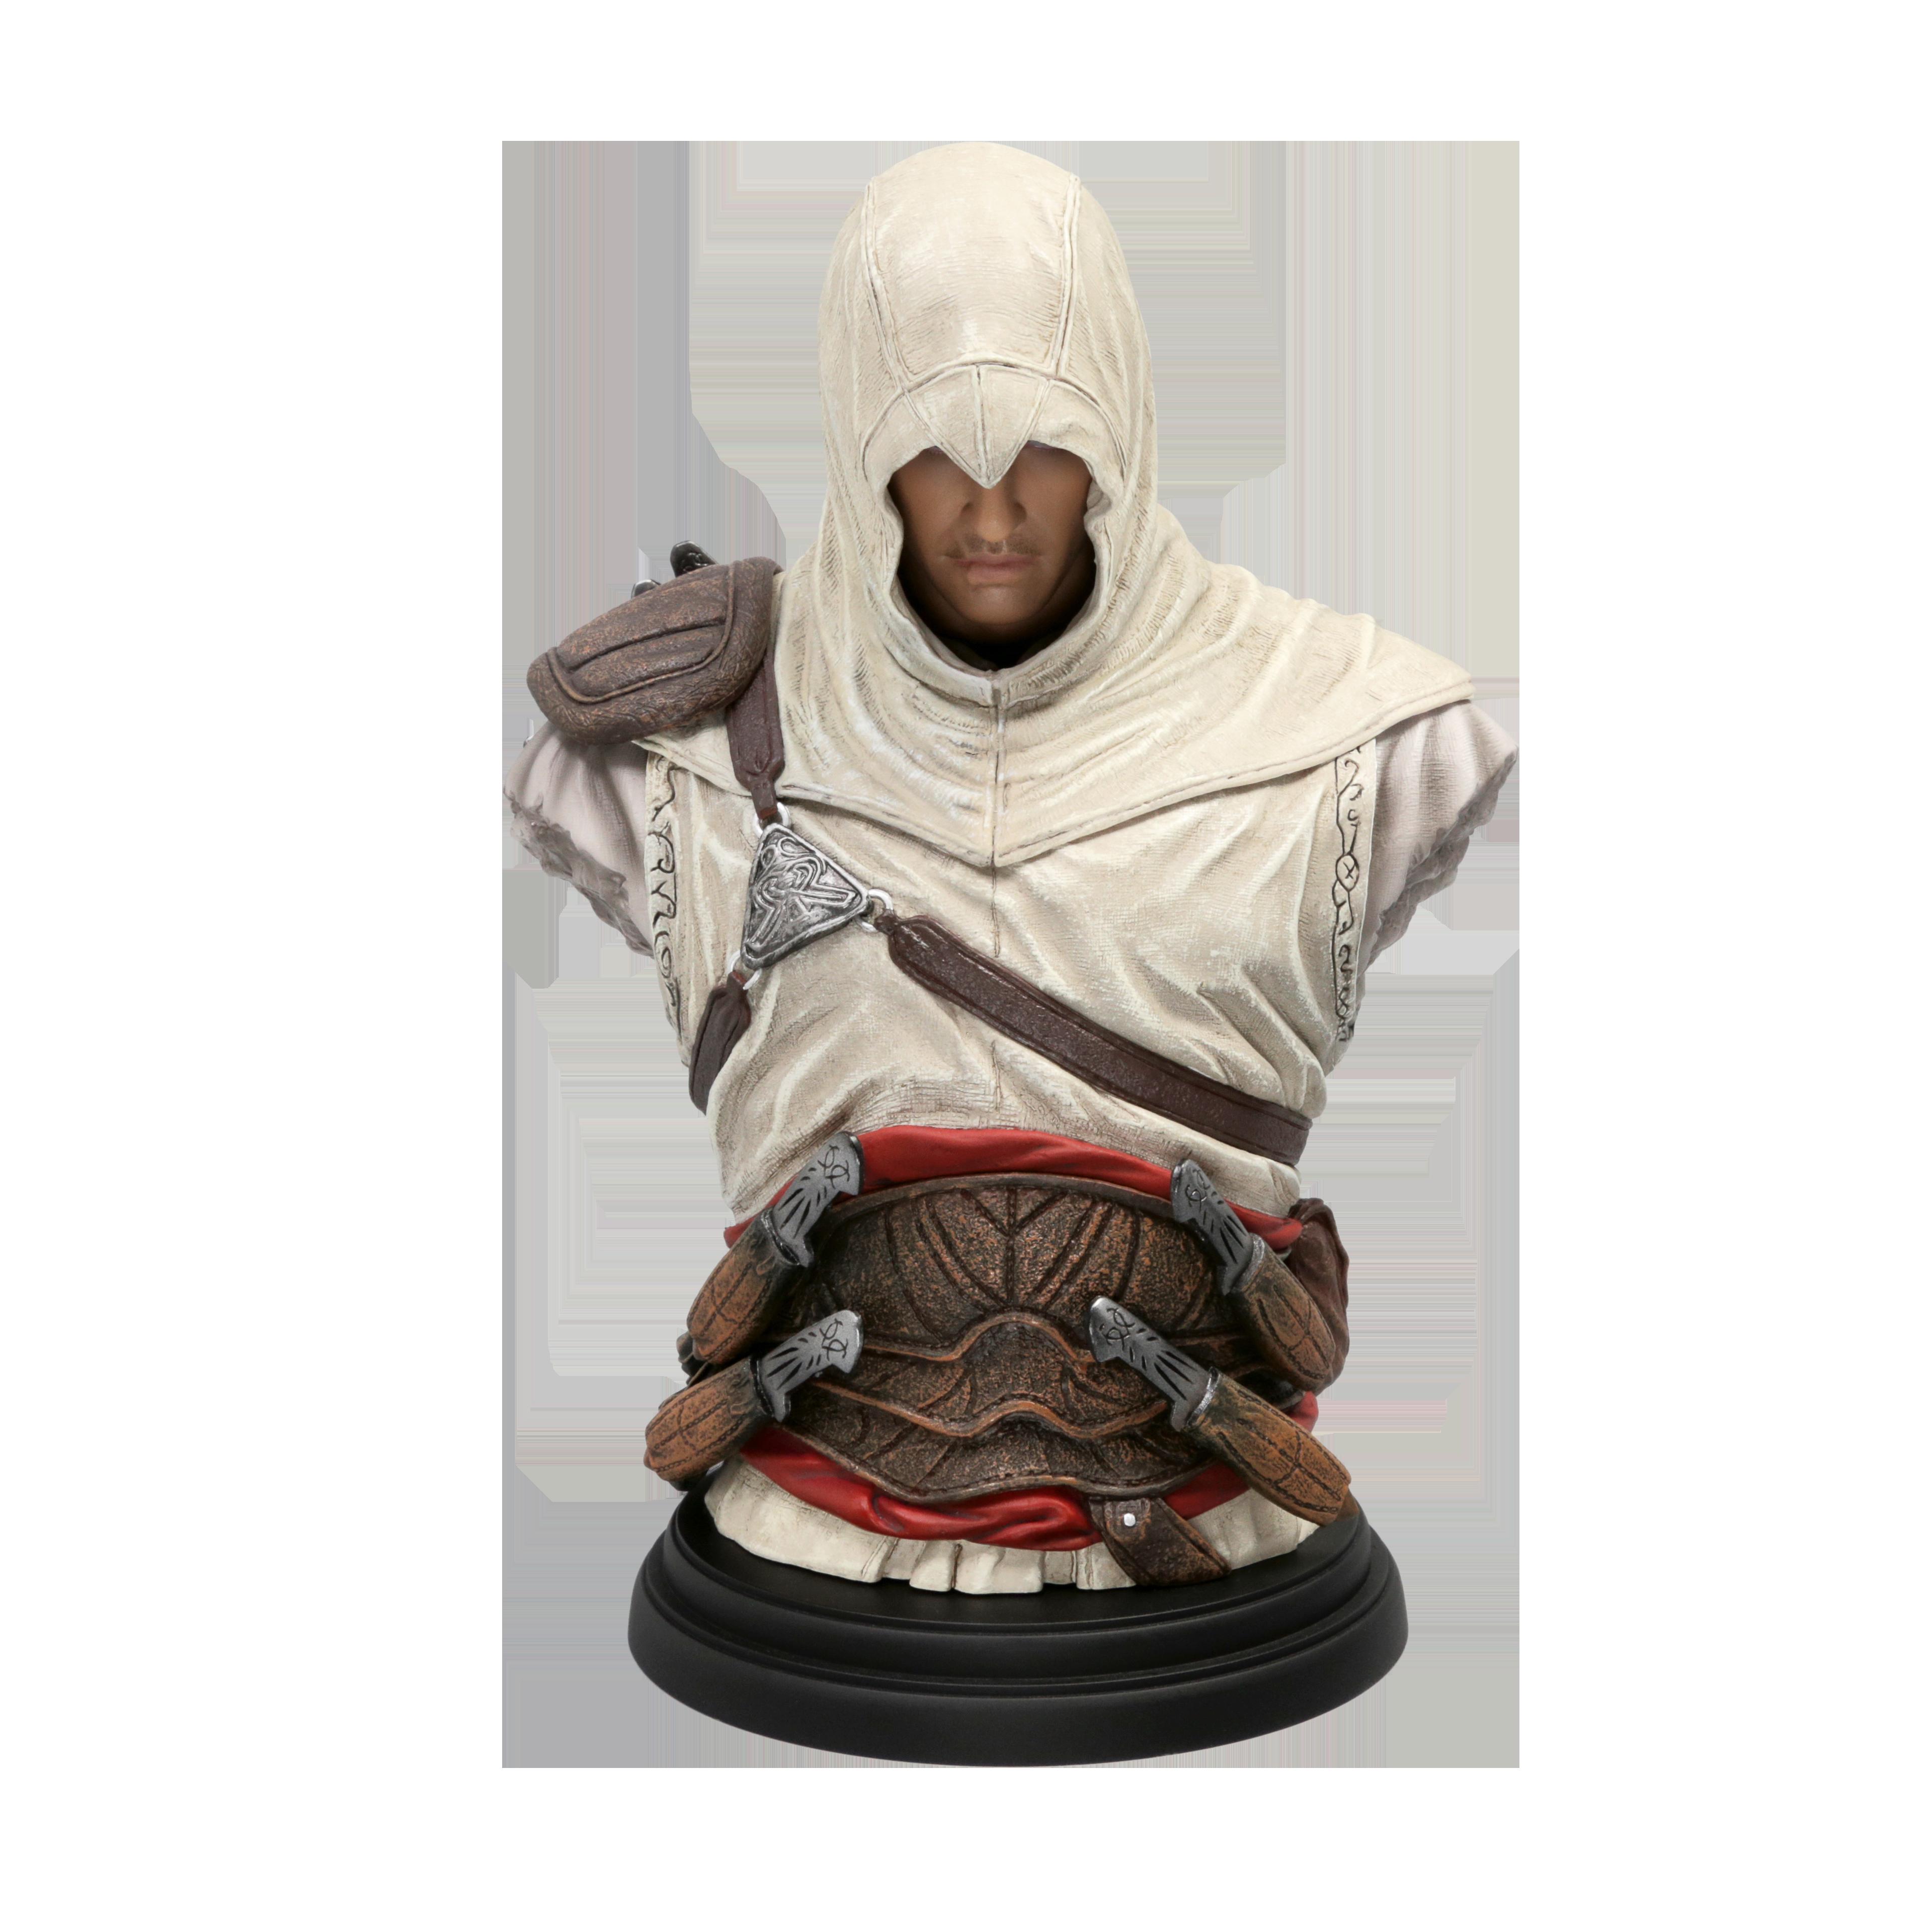 Altaïr in Assassin's Creed